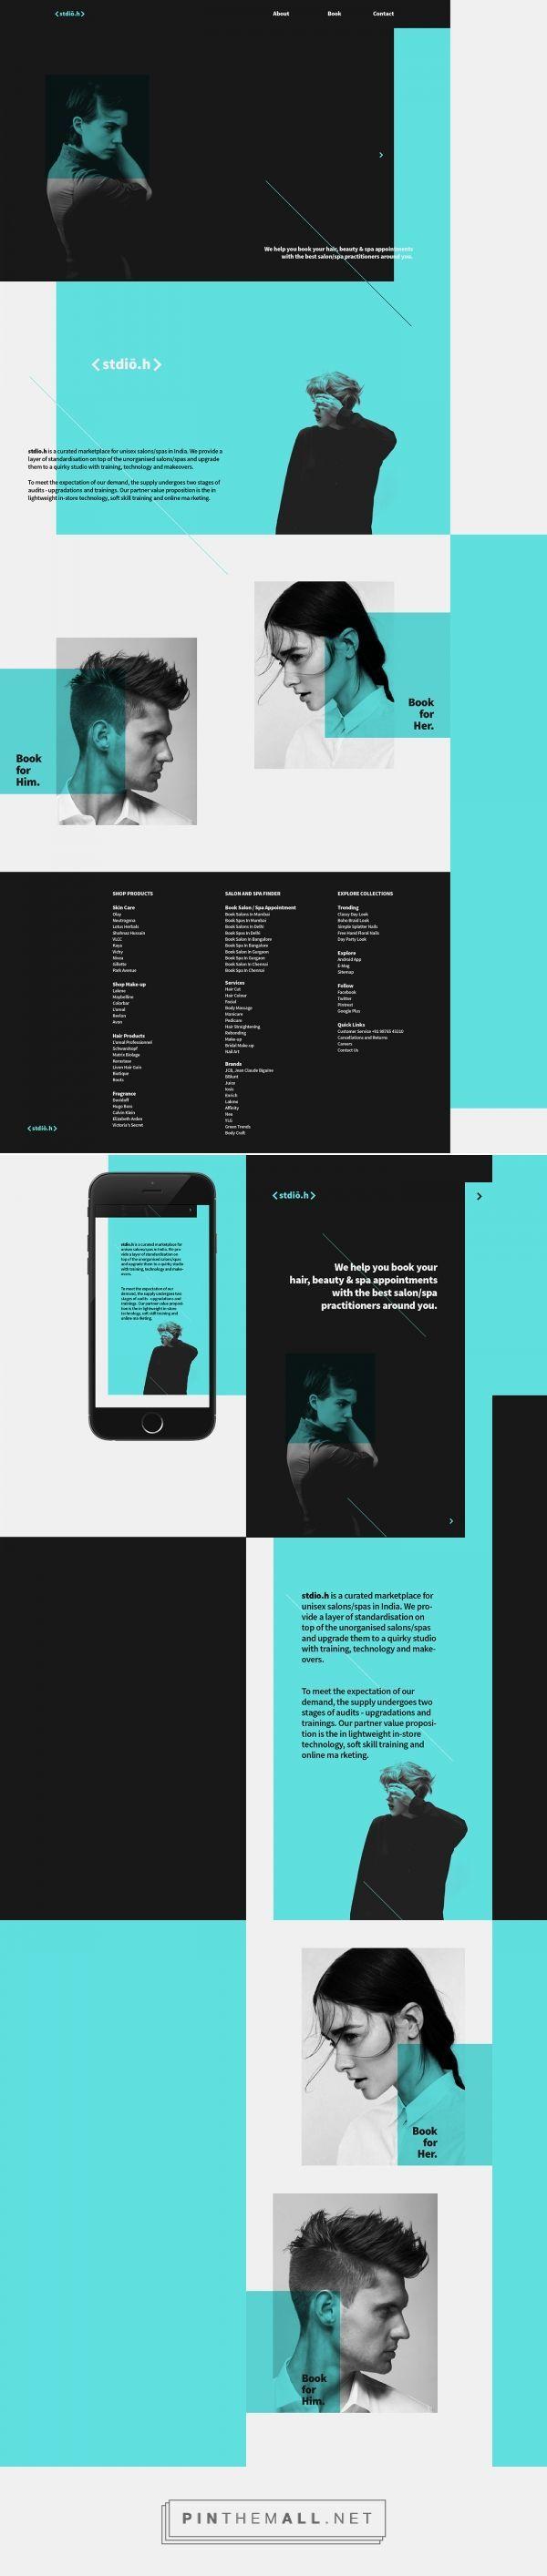 2173 best Web Design images on Pinterest | Design web, Design ...